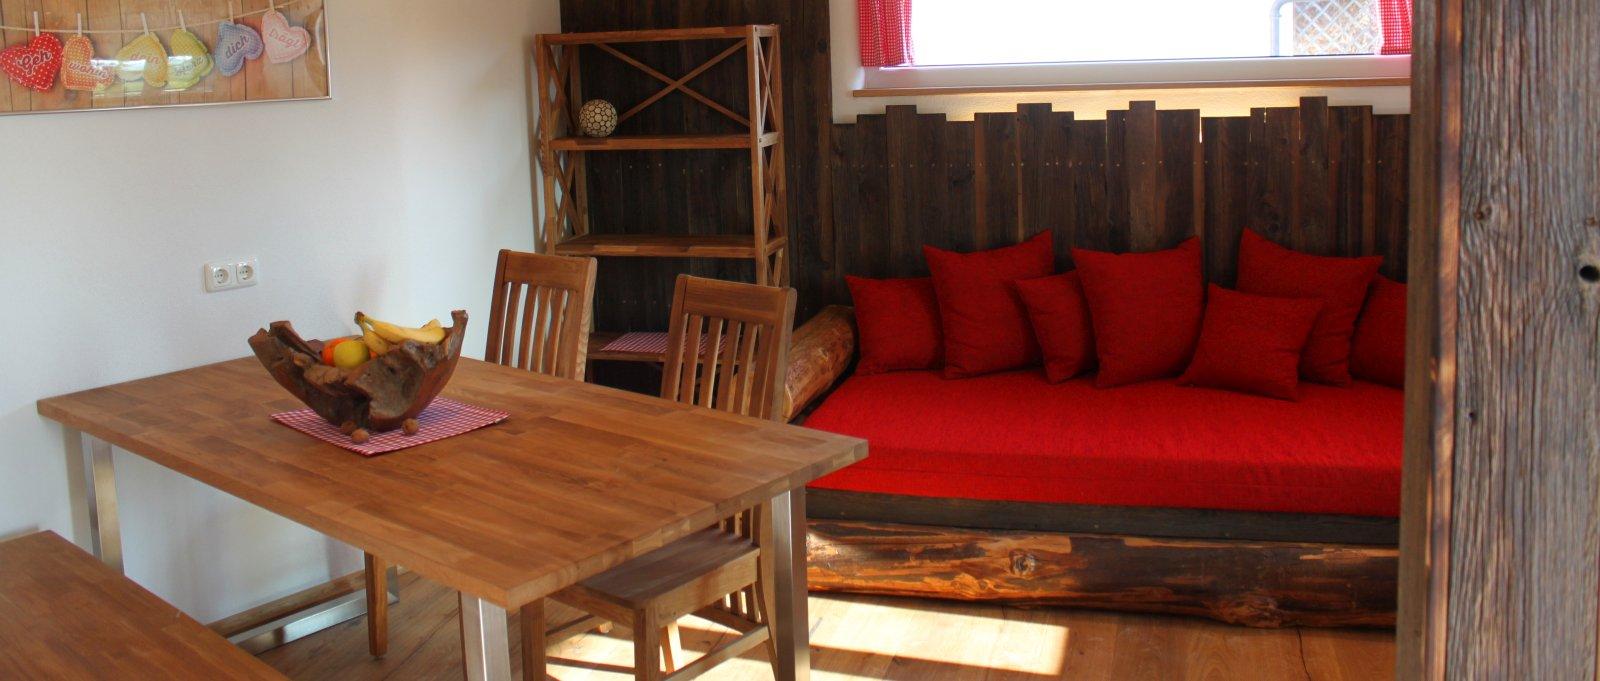 ferienwohnung-gaensebluemchen-bayern-wohnzimmer-panorama-1600